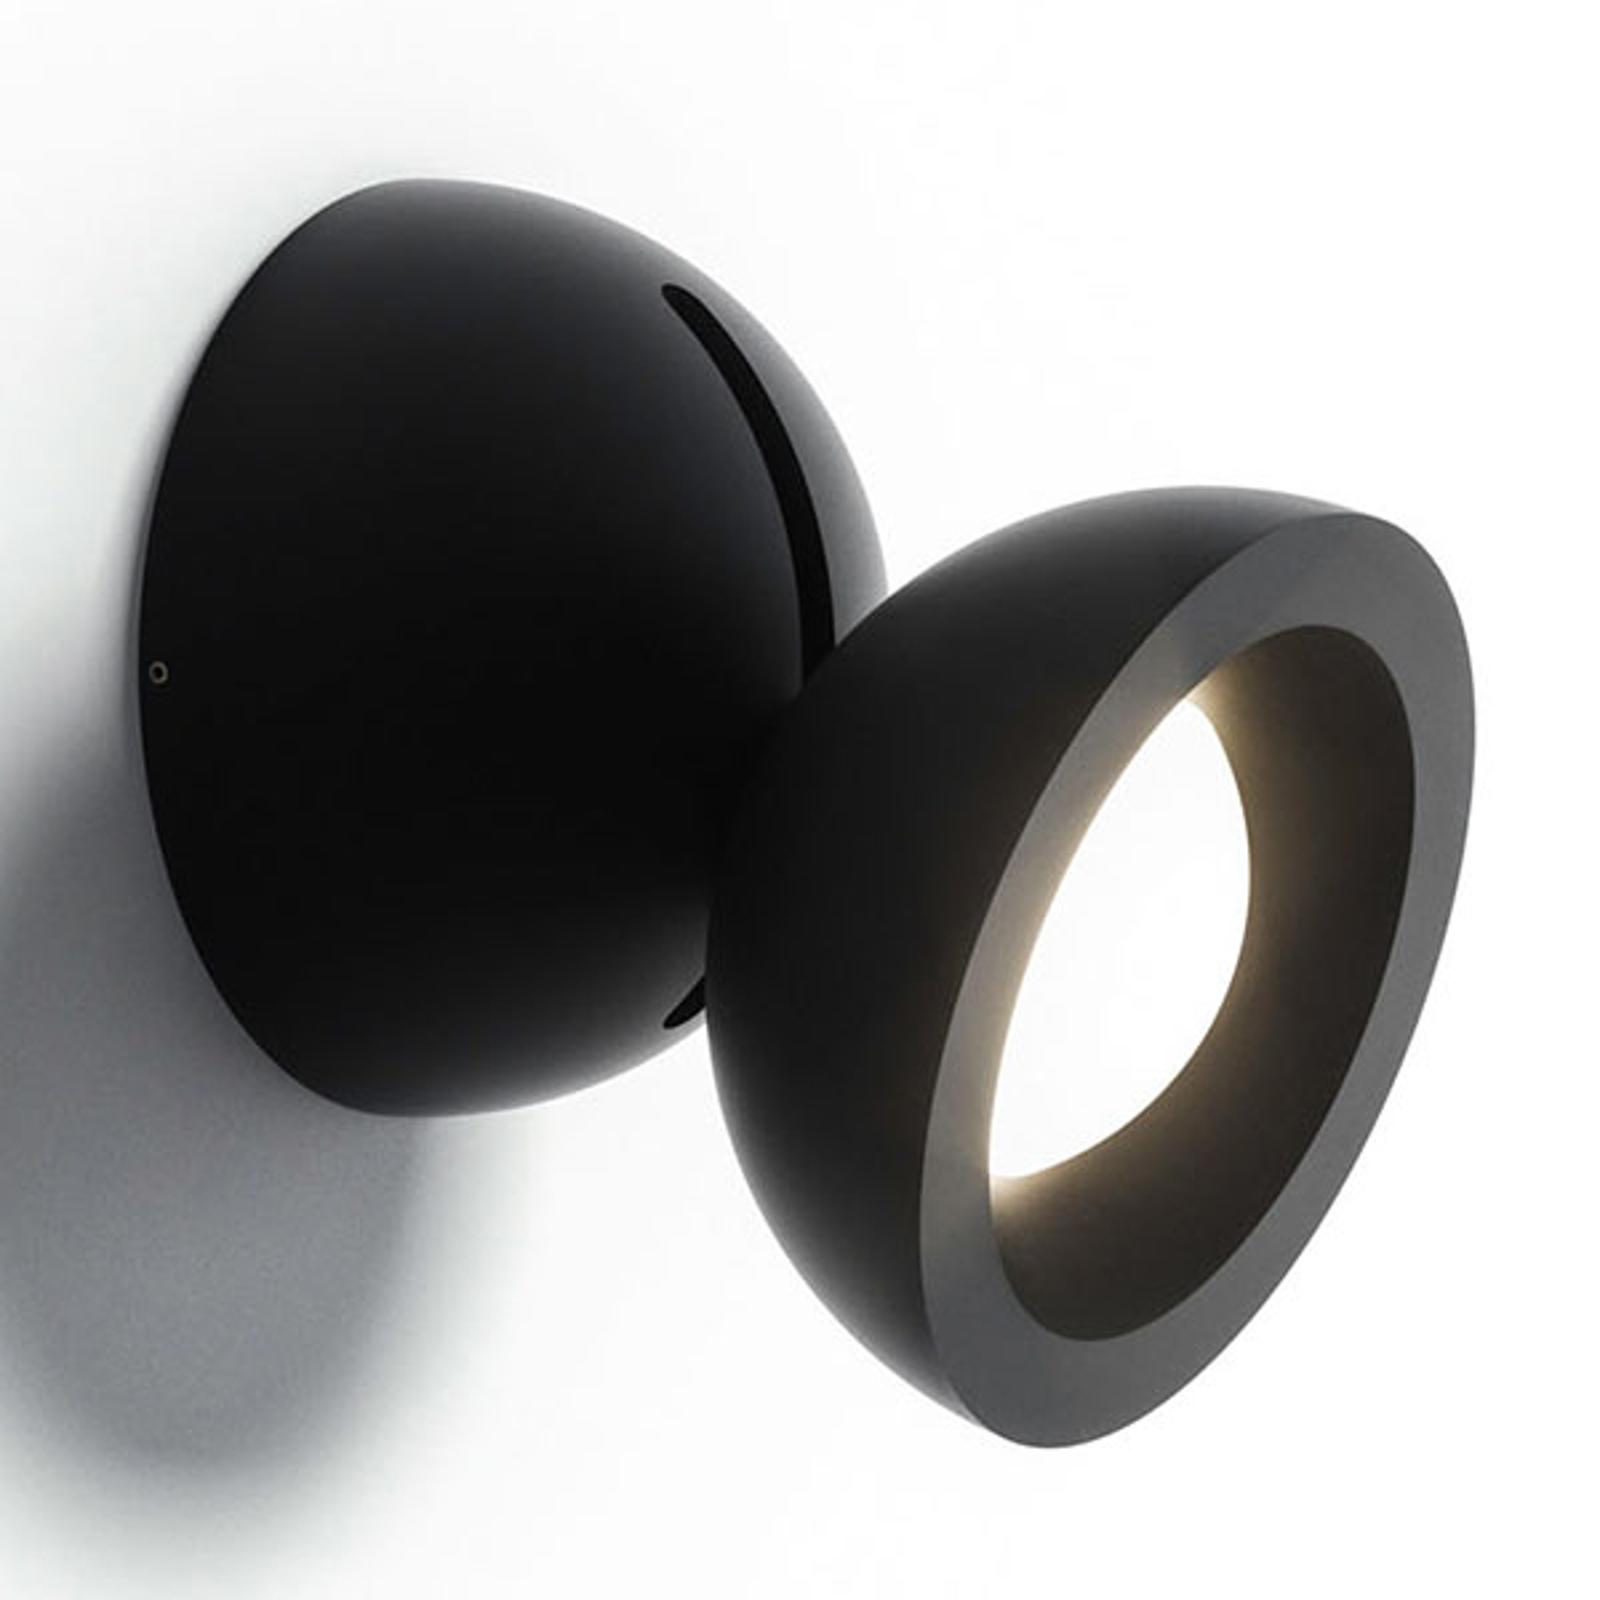 Axolight DoDot LED-Wandleuchte, schwarz 46°